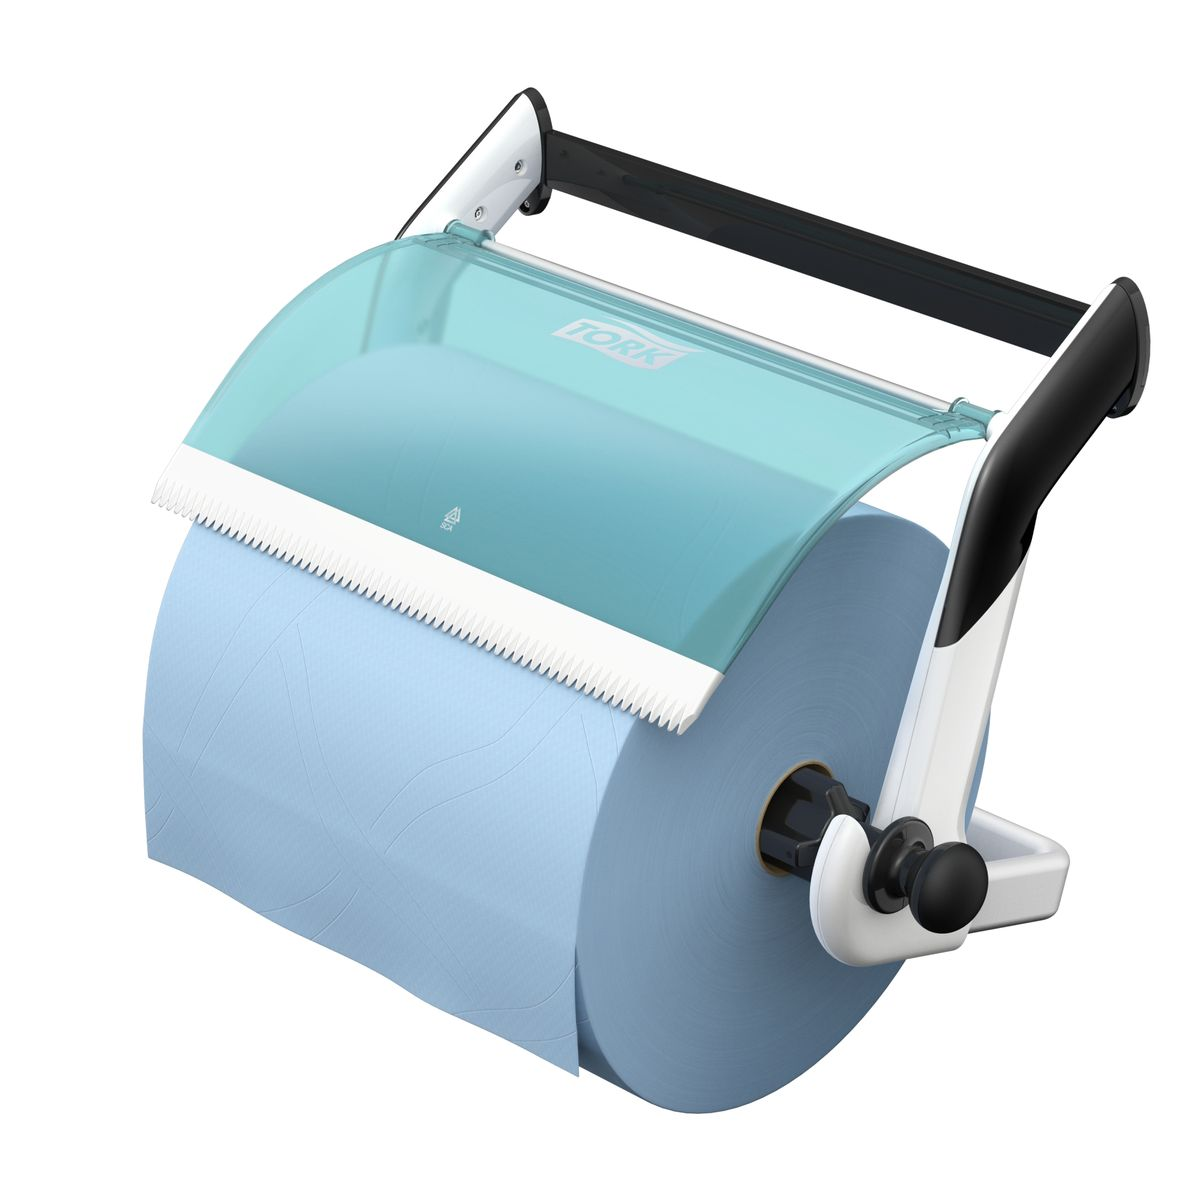 Диспенсер для туалетной бумаги Tork, цвет: белый . 652100652100Держатель для протирочных материалов Tork.Настенный держатель обладает прочной конструкцией и позволит сэкономить место.Быстро и легко менять расходный материал.